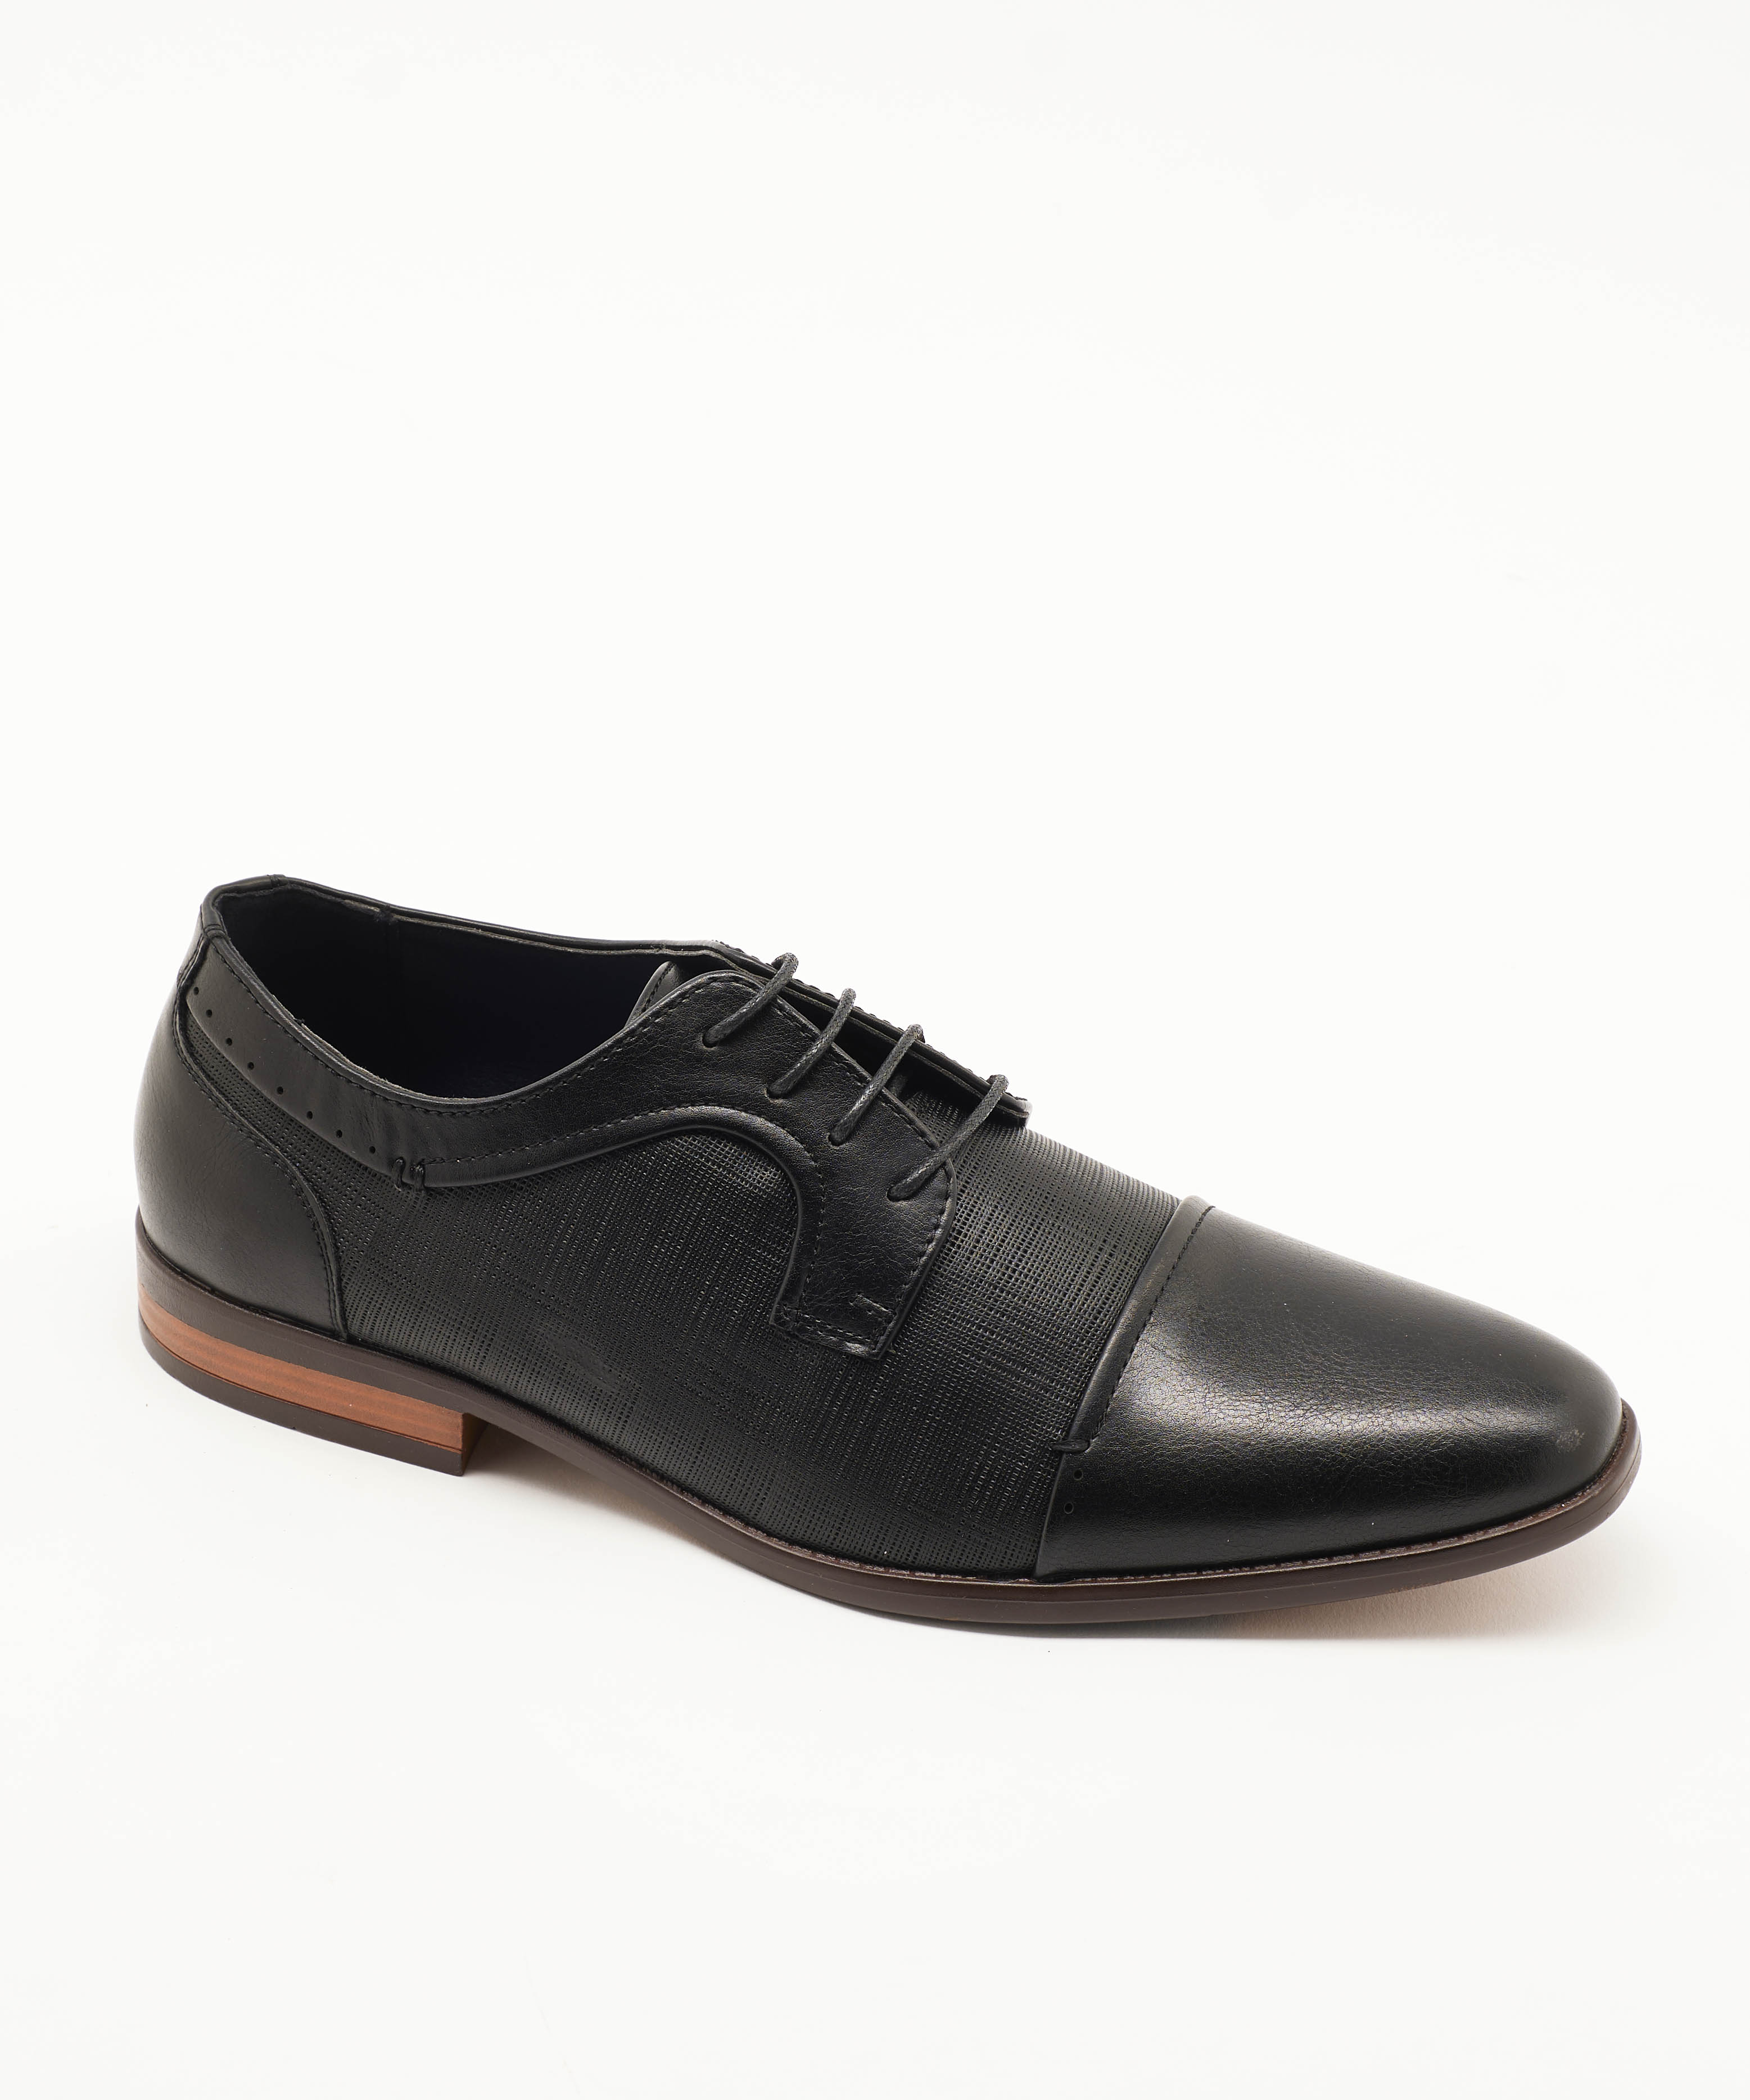 Chaussures De Ville Homme - Ville Noir Jina - Tj-2982